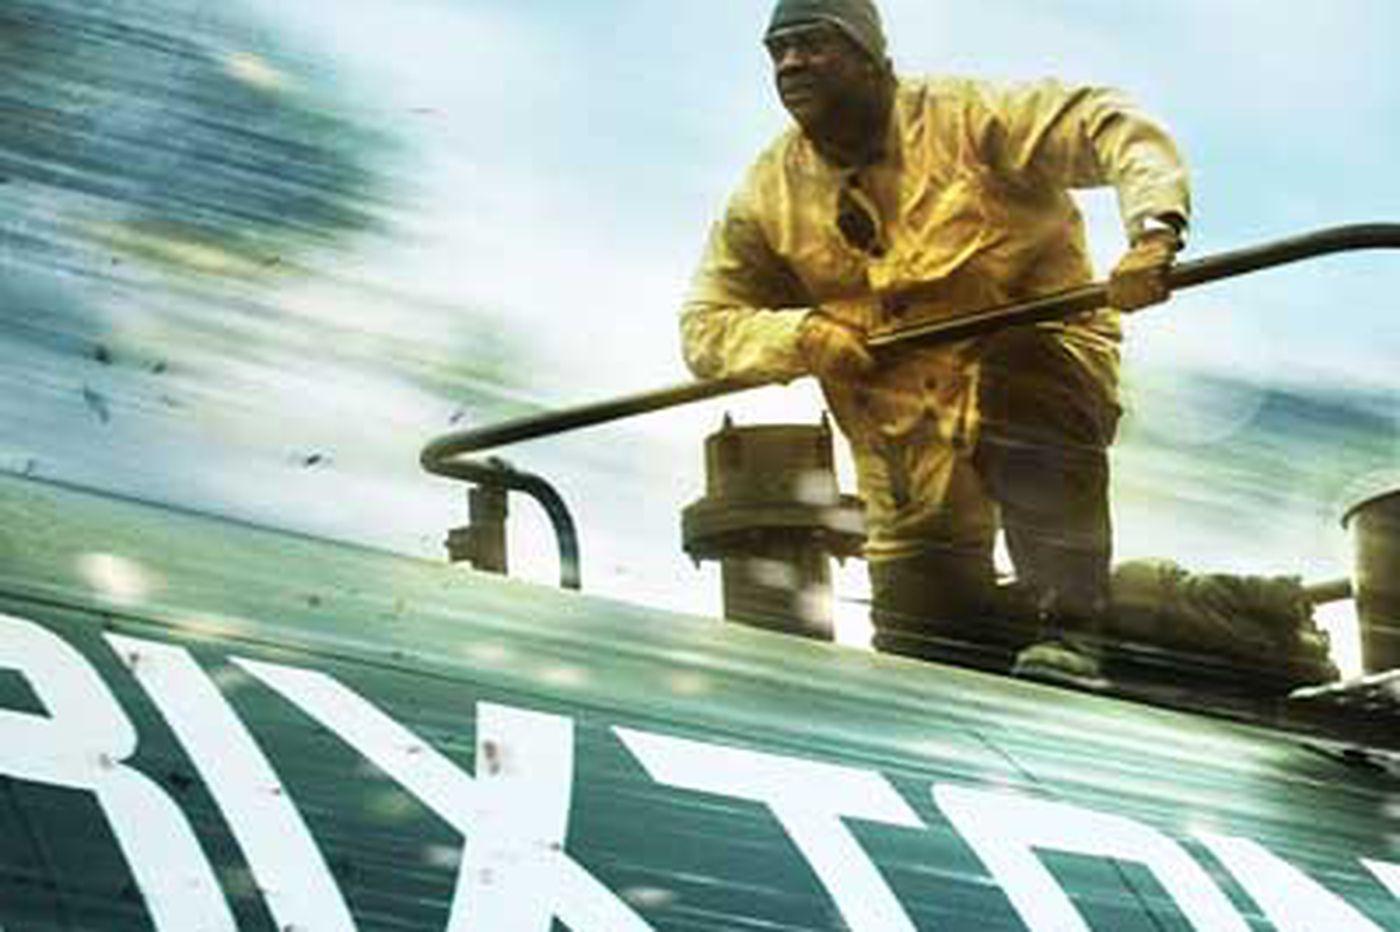 'Unstoppable': Runaway train, screeching heroics